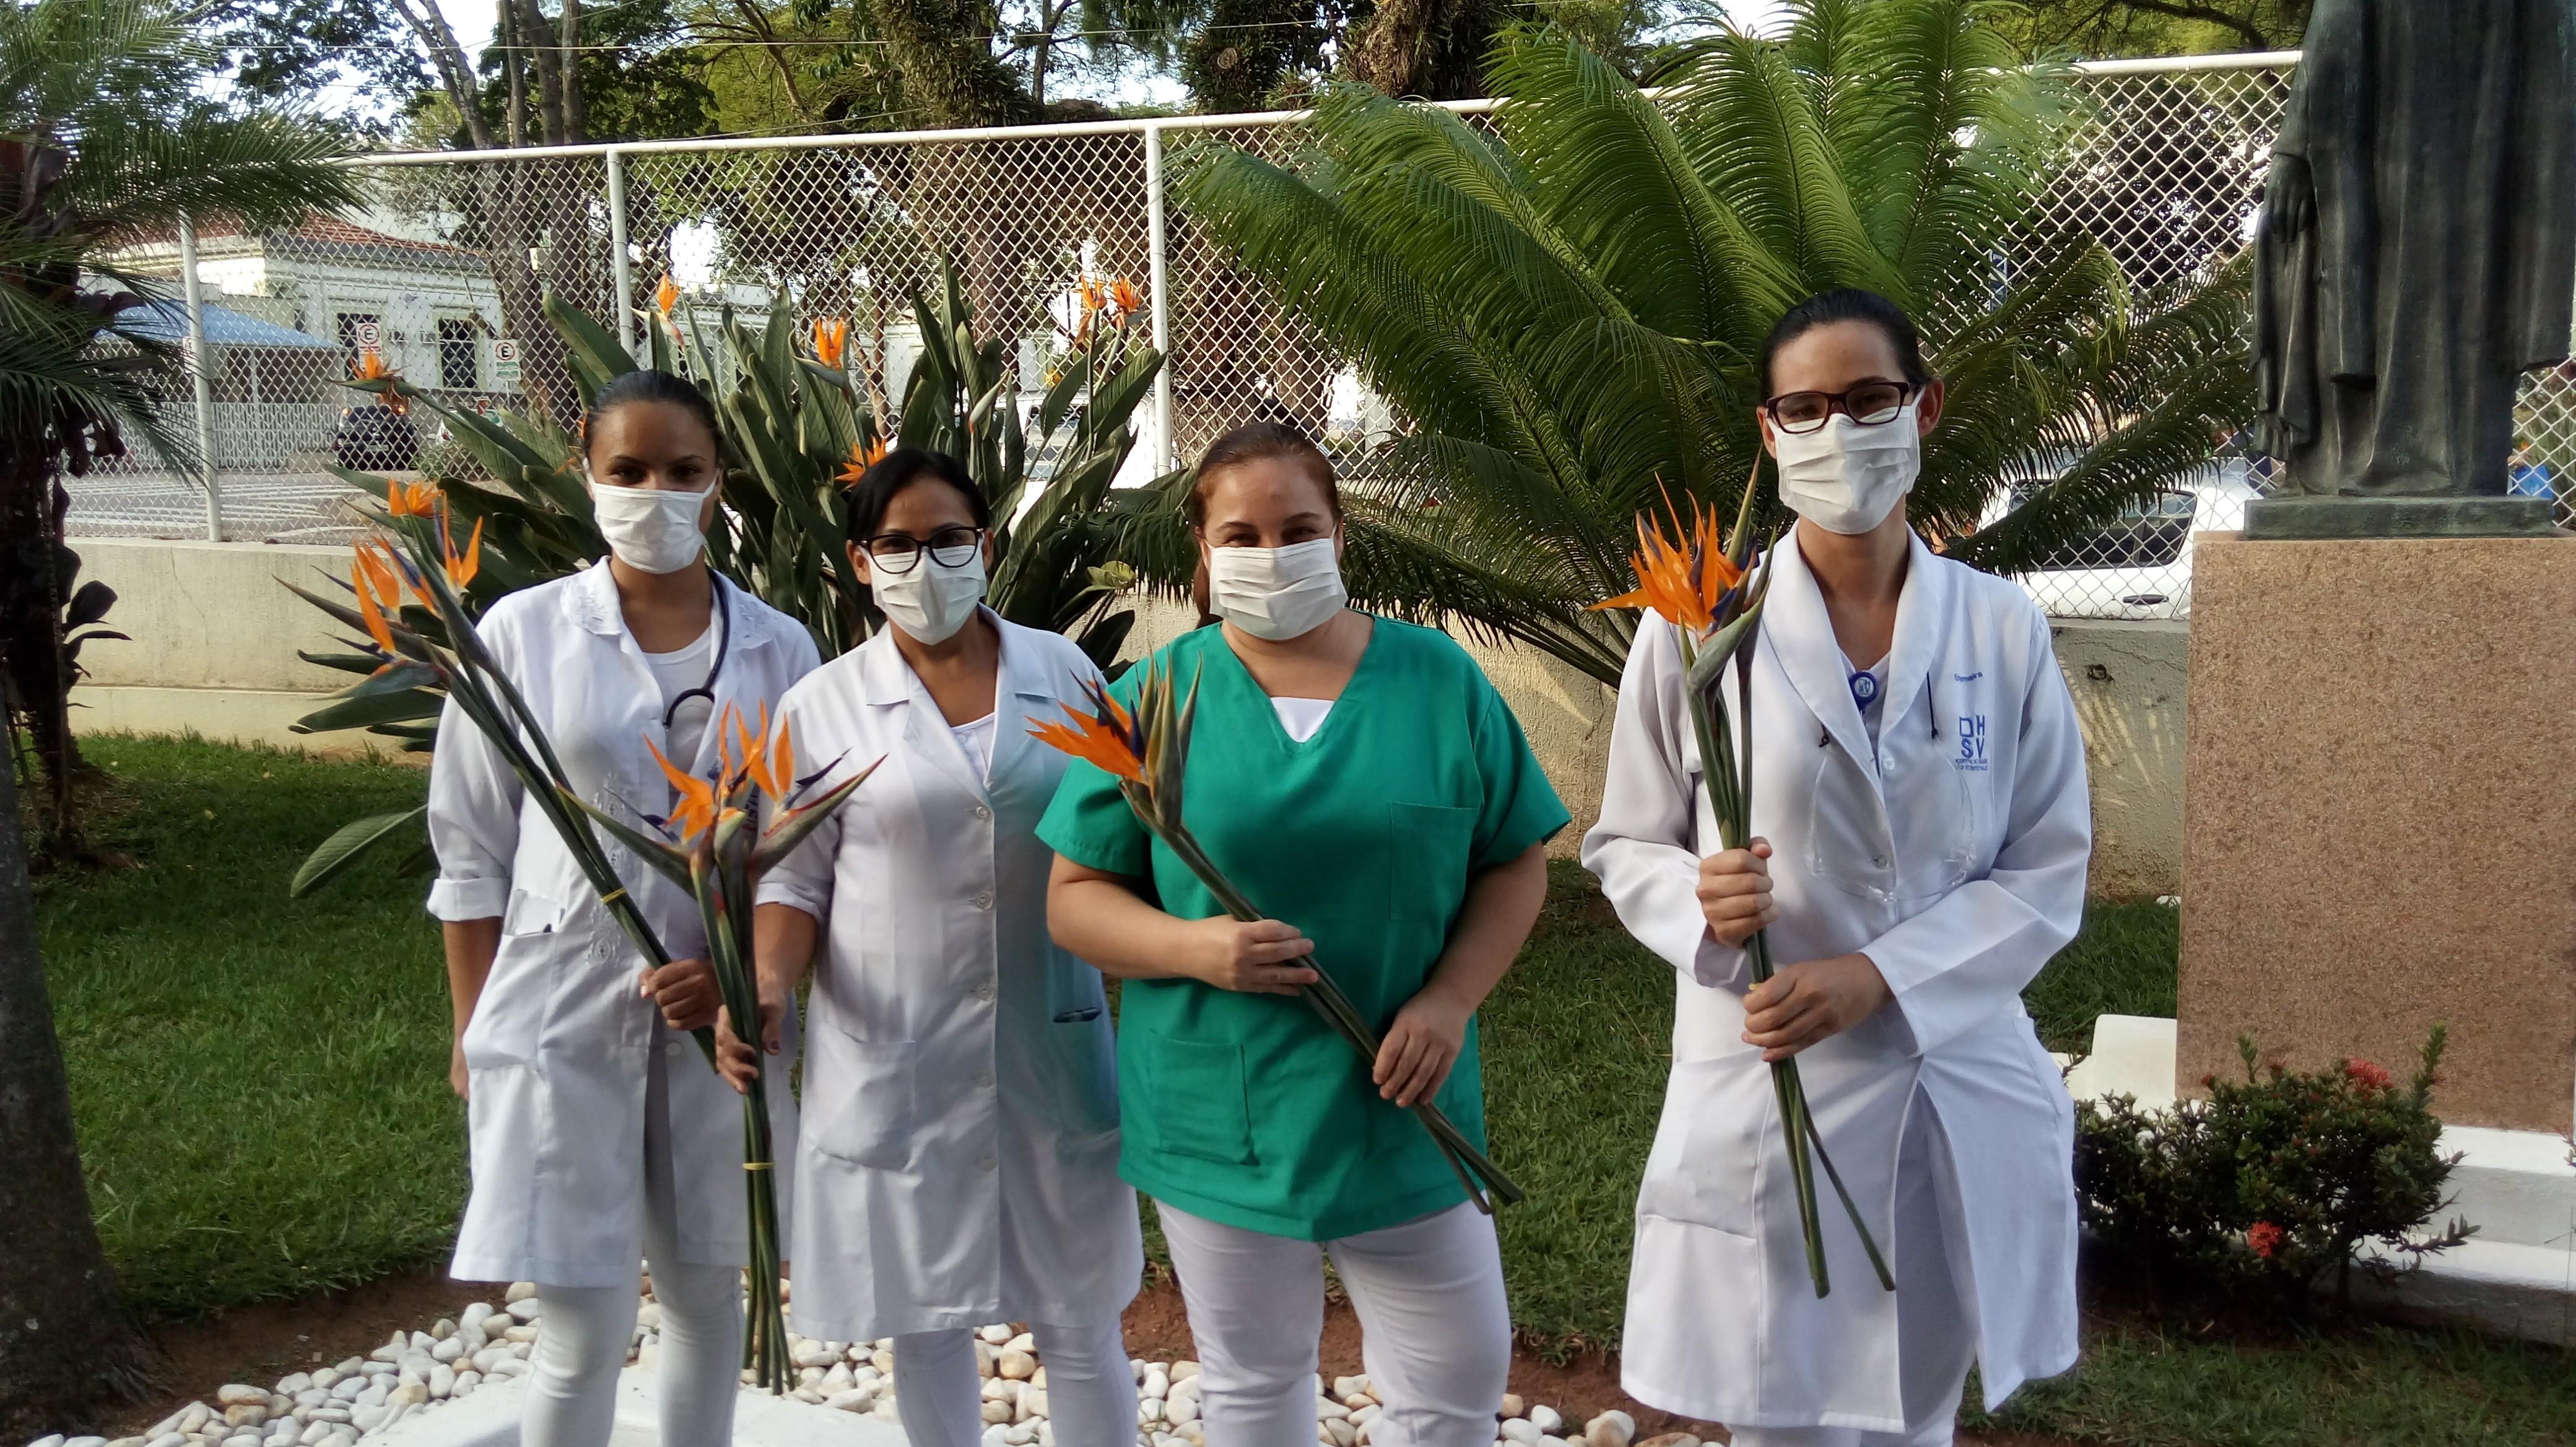 Moradores entregam flores para mais de 500 funcionários de hospital por trabalharem no combate ao coronavírus